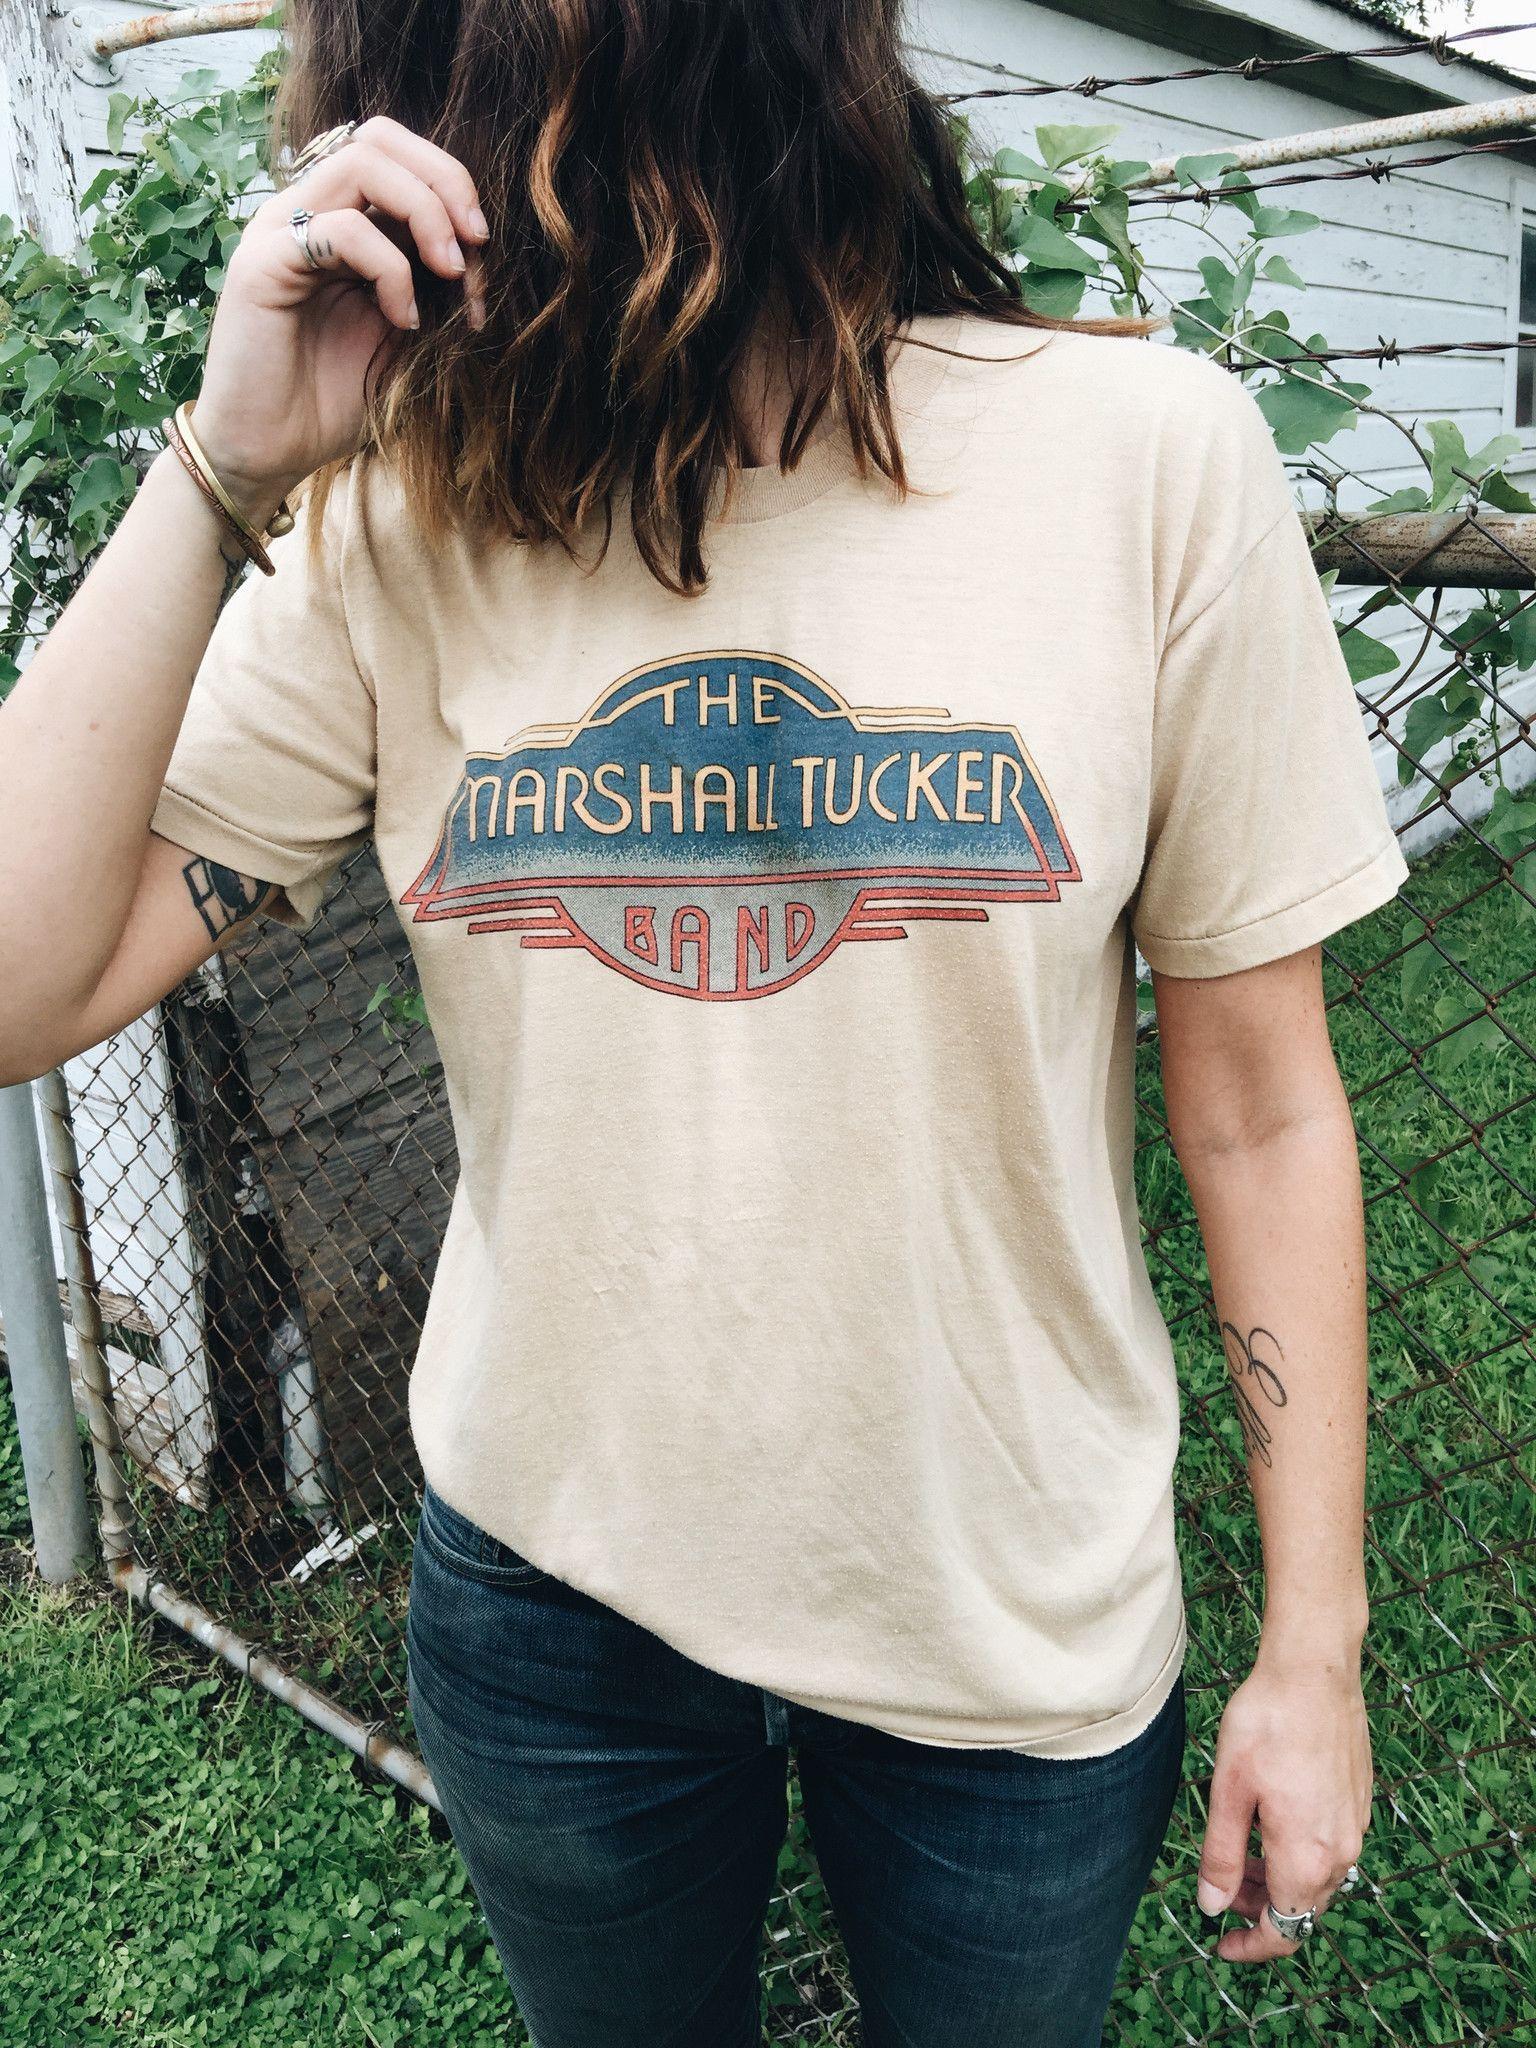 Vintage Band Tee Shirt   1980s The Marshall Tucker Band